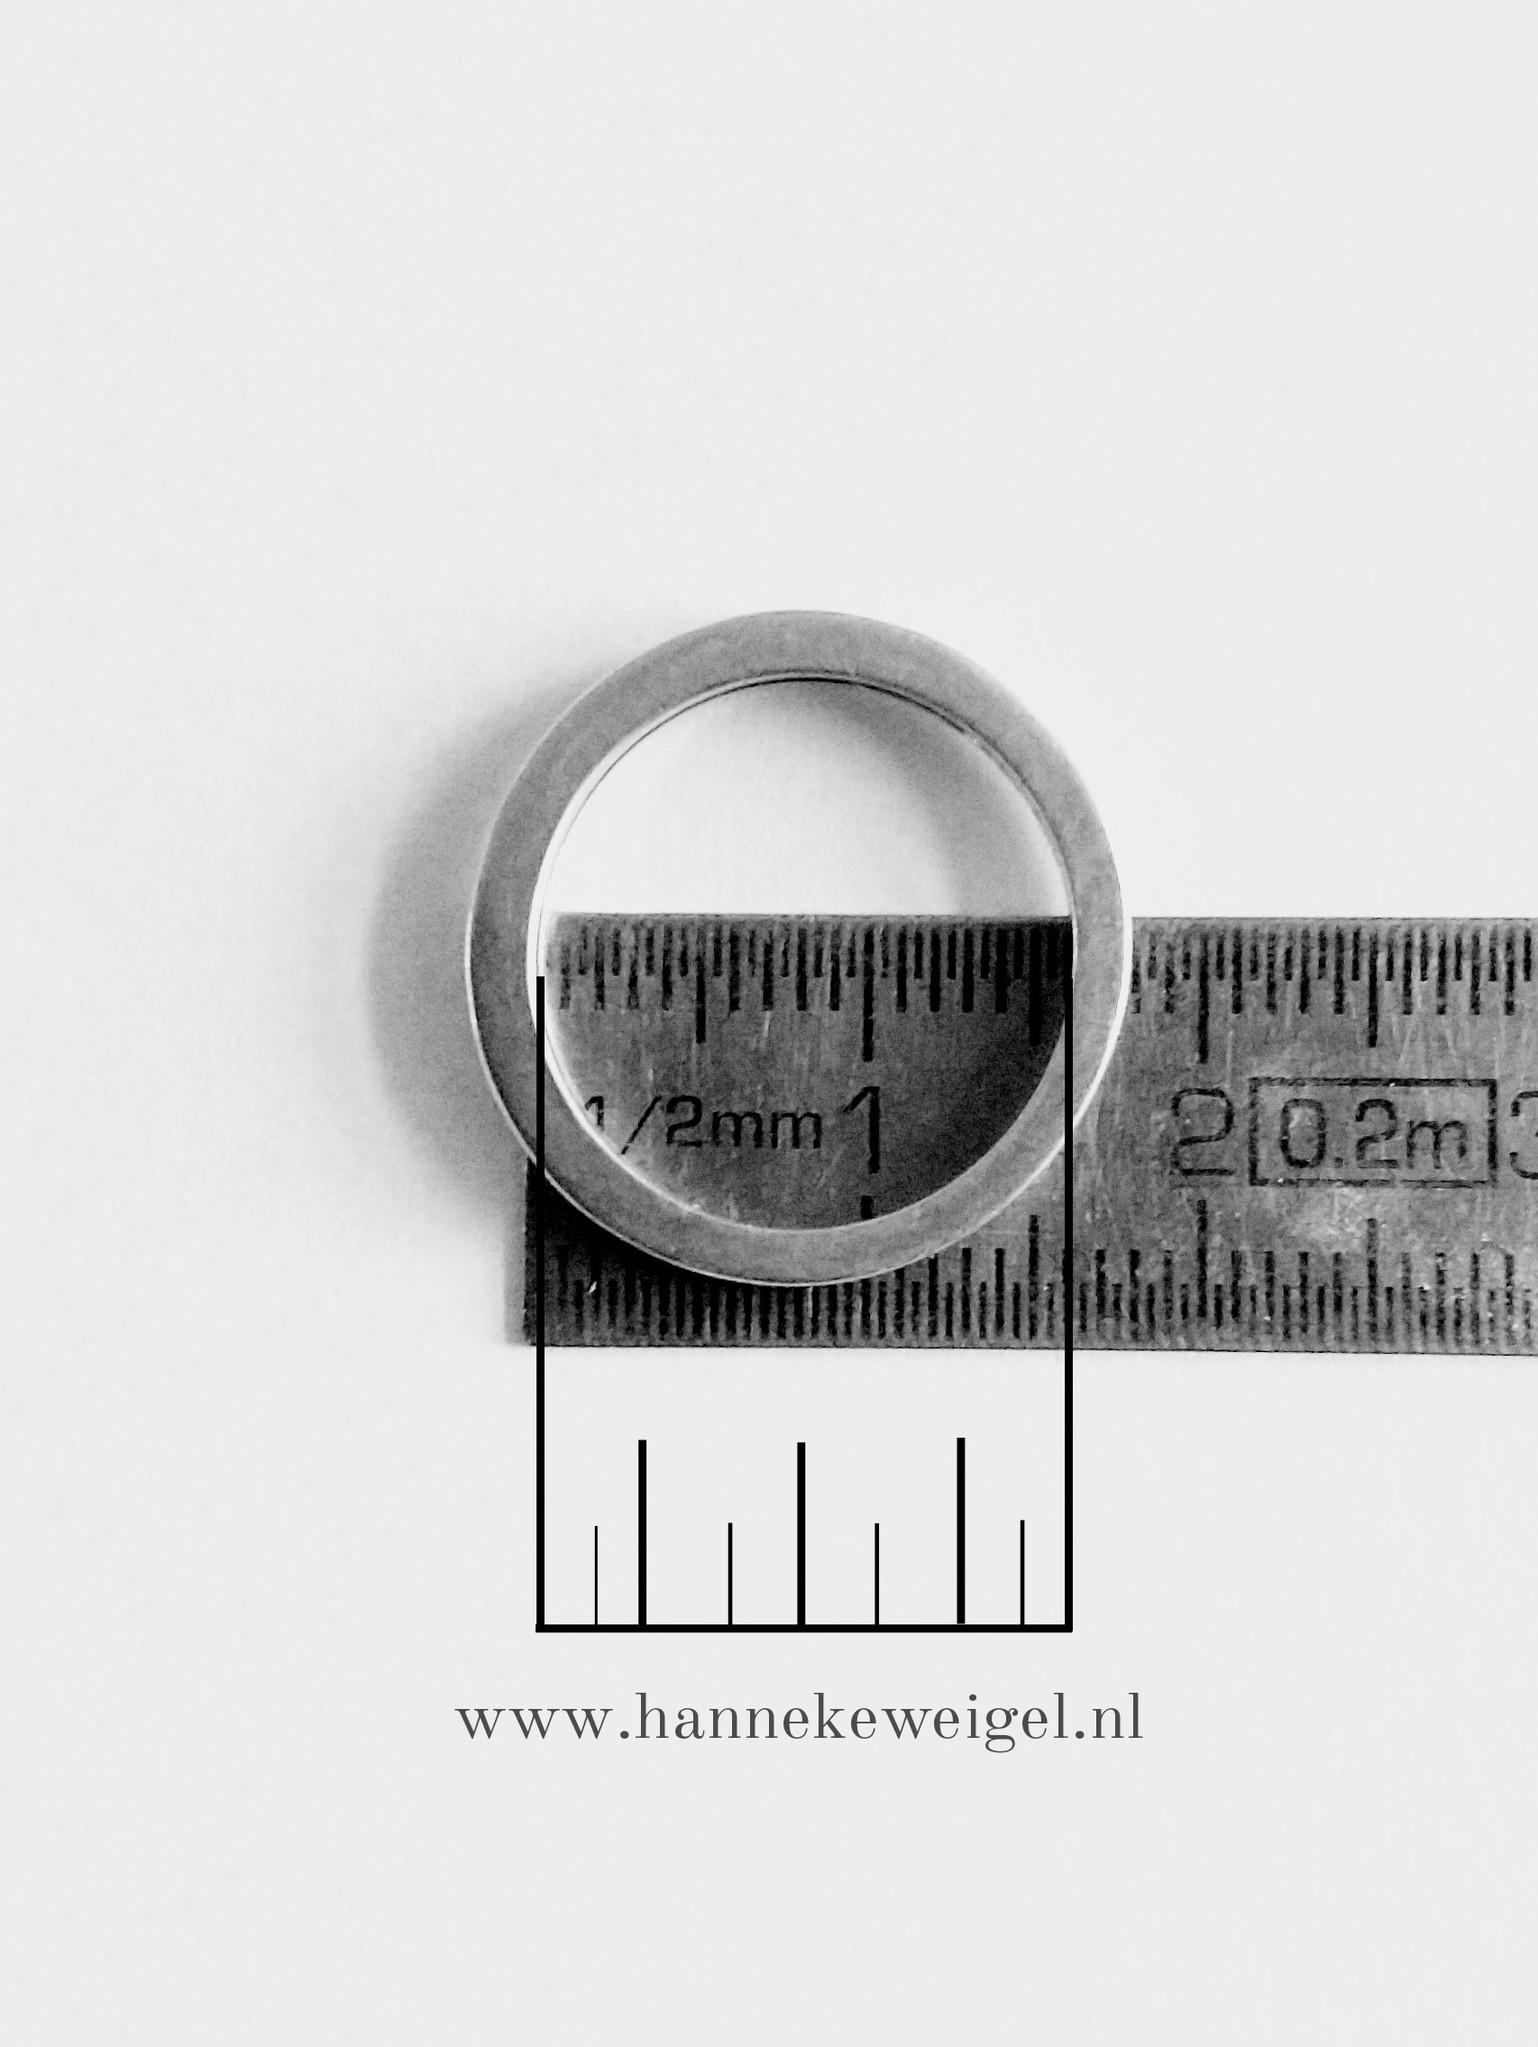 ringmaat opnemen / taking your size